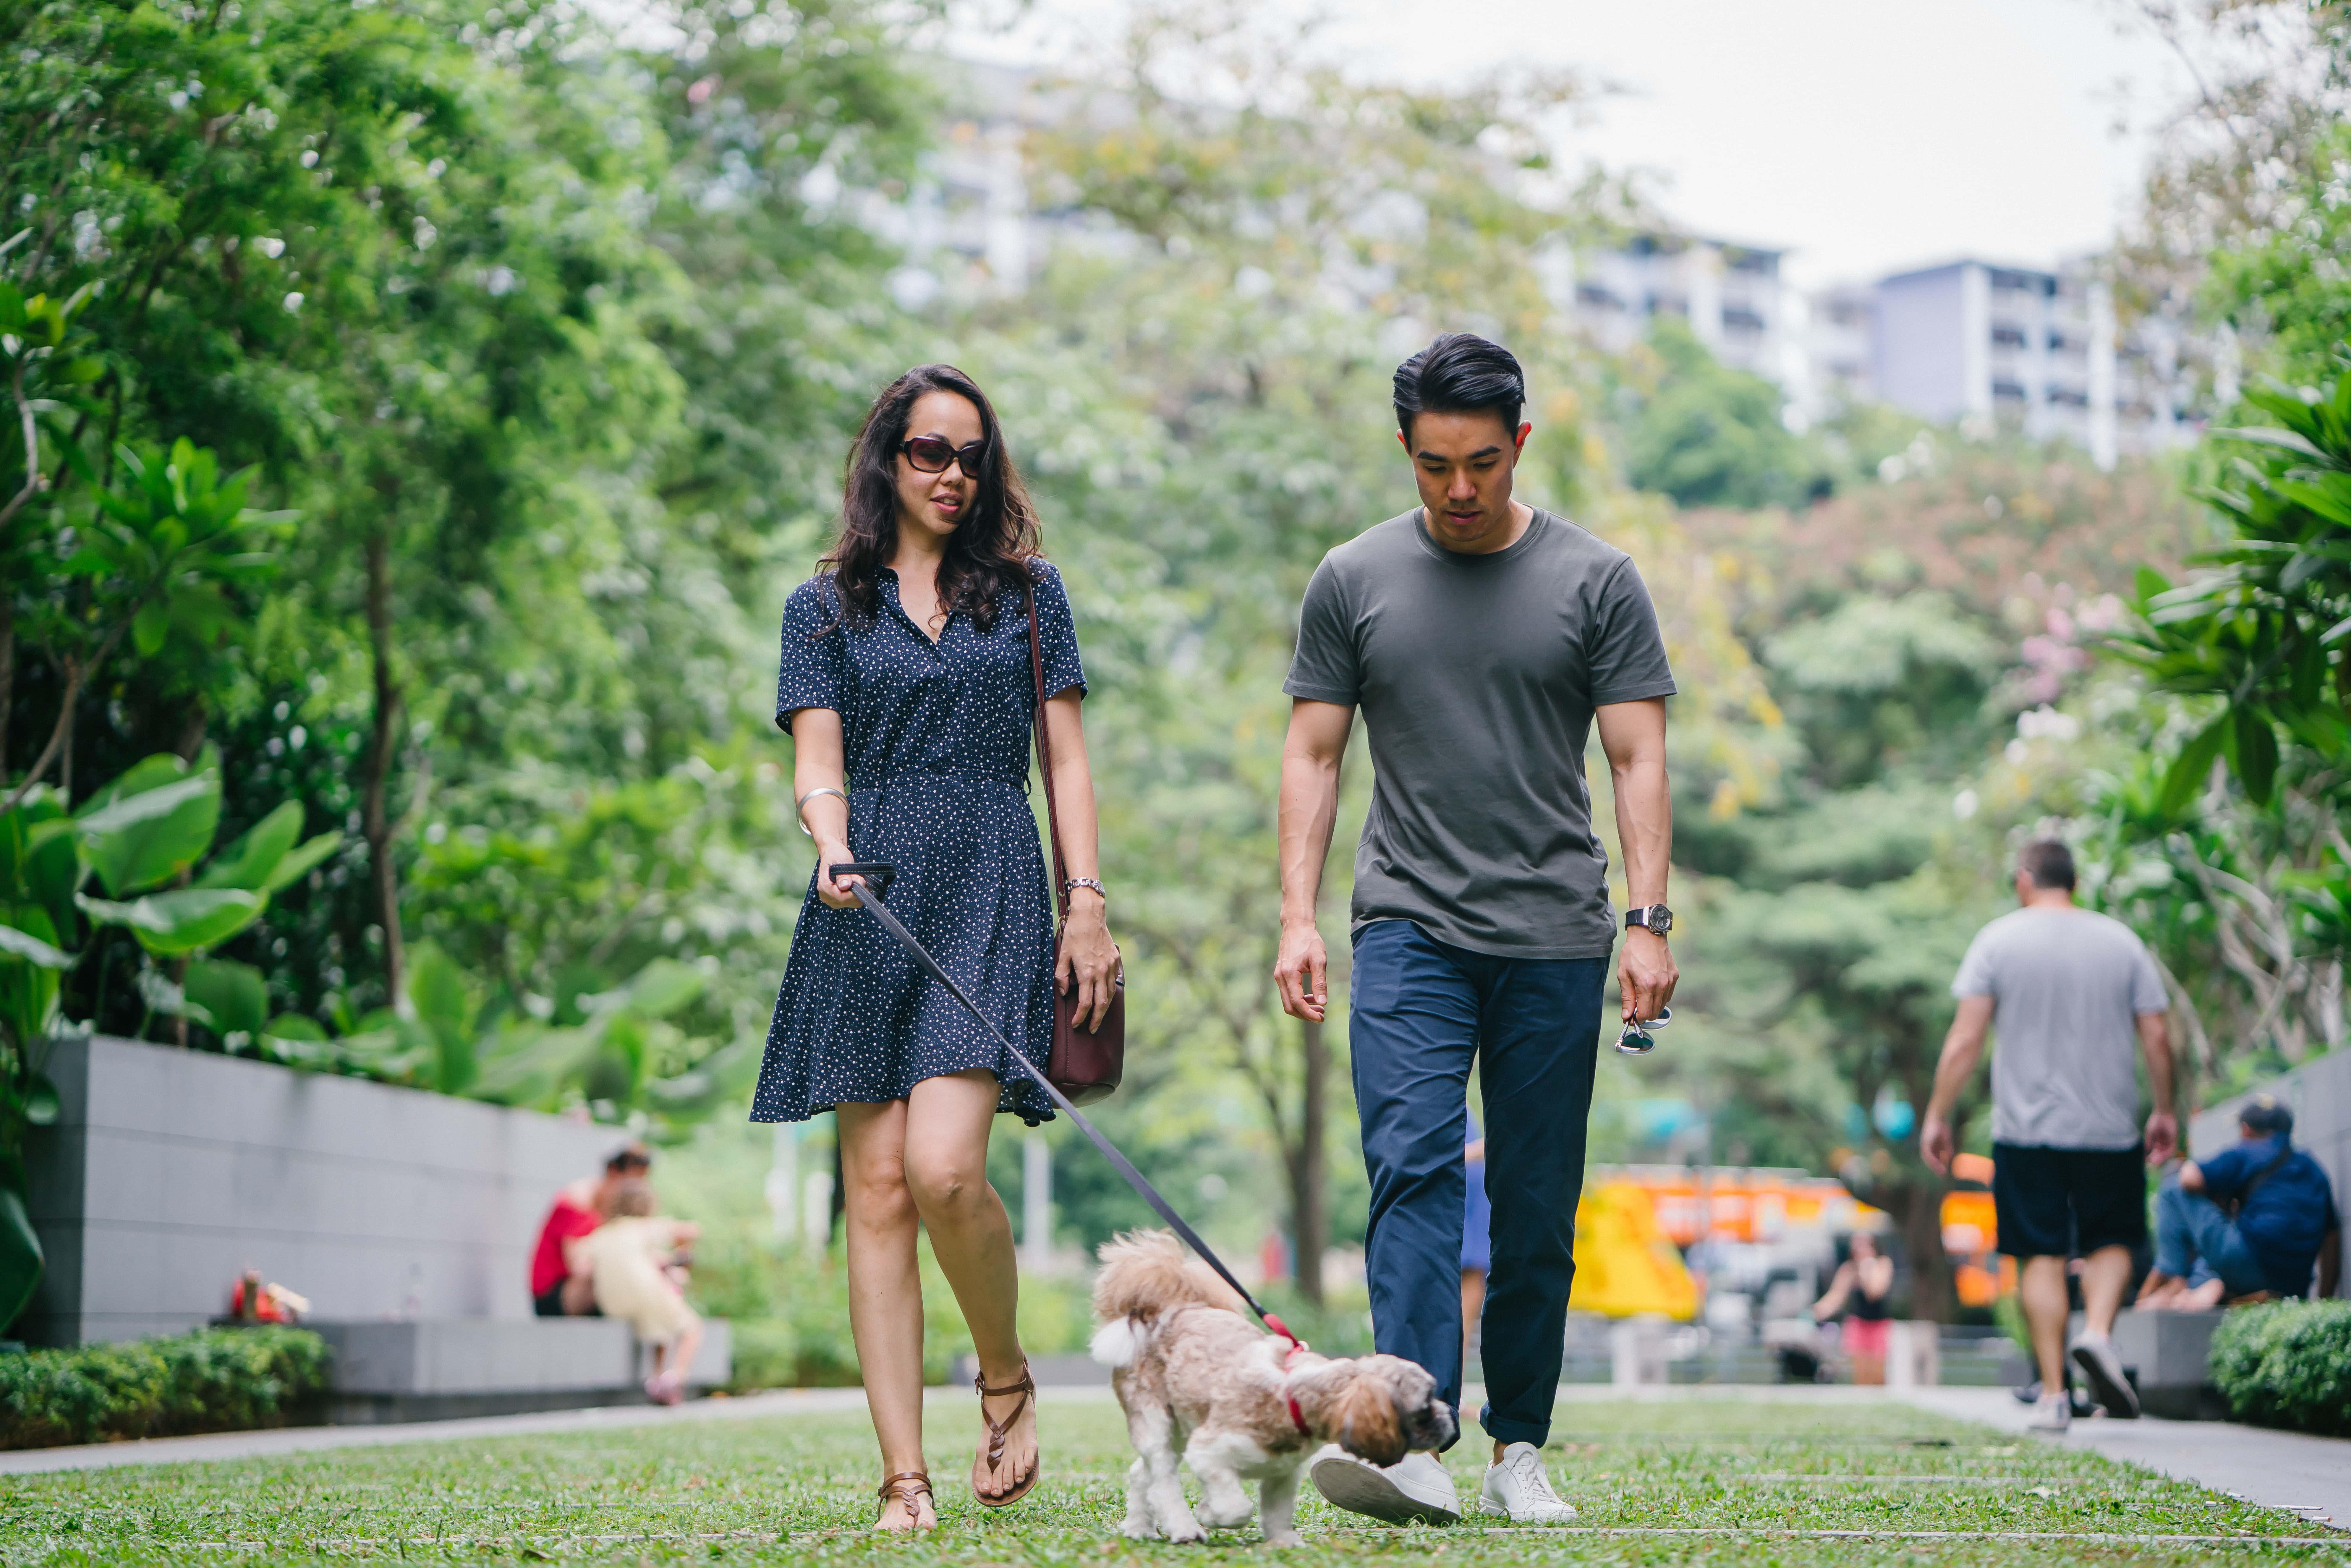 Spaziergang im Park mit Hund